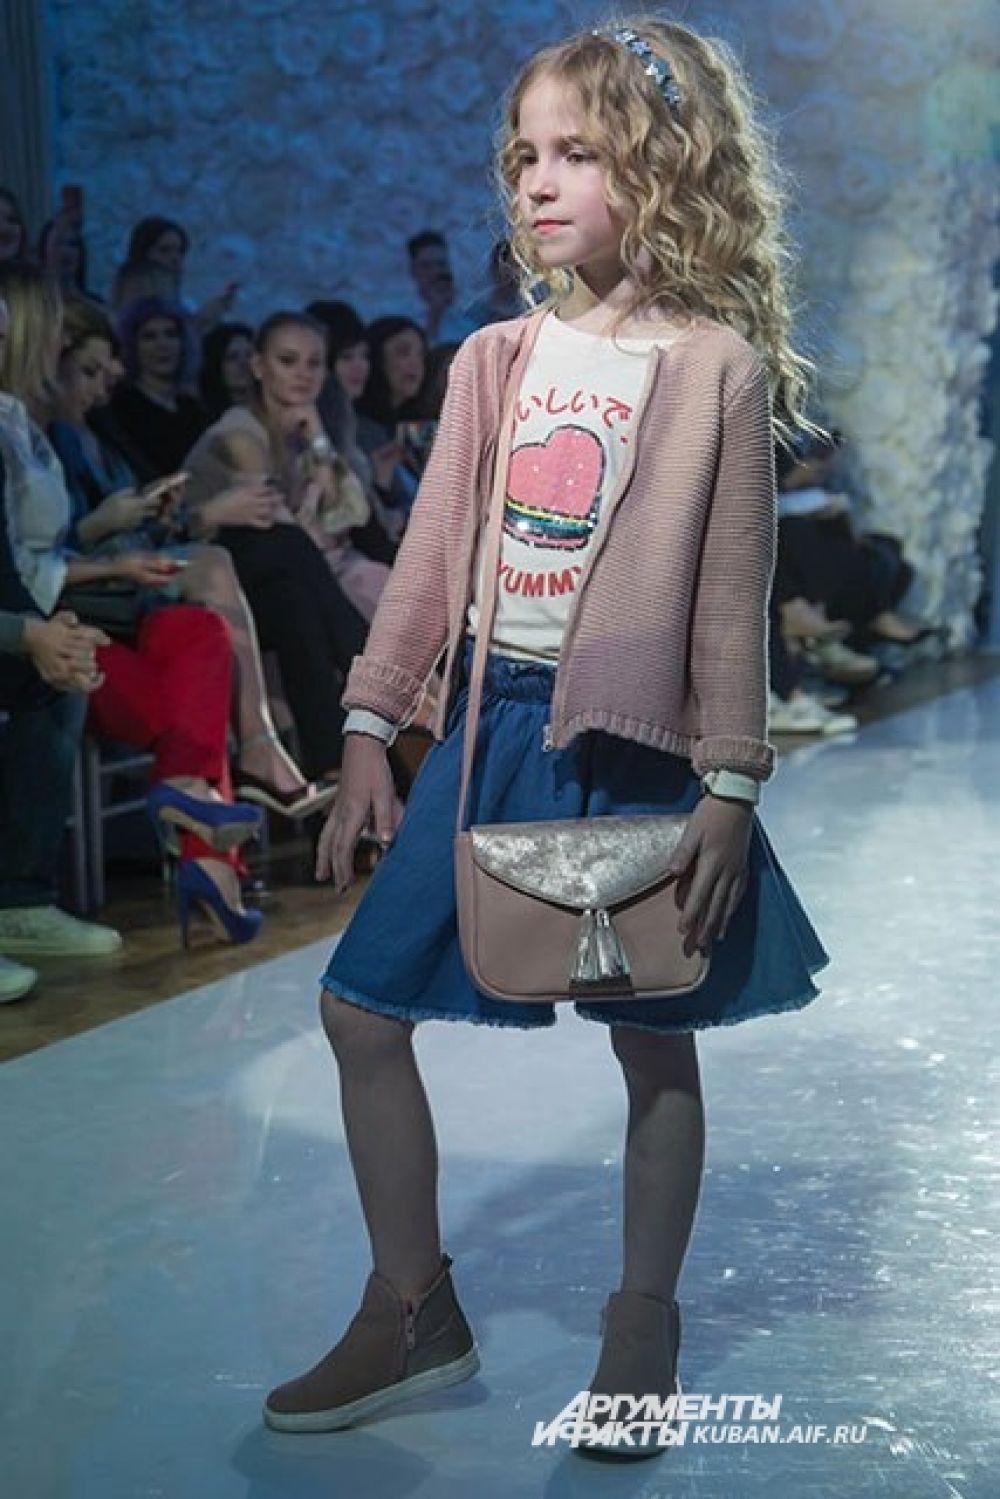 Одежда бренда рассчитана на разные возраста - от малышей до подростков.